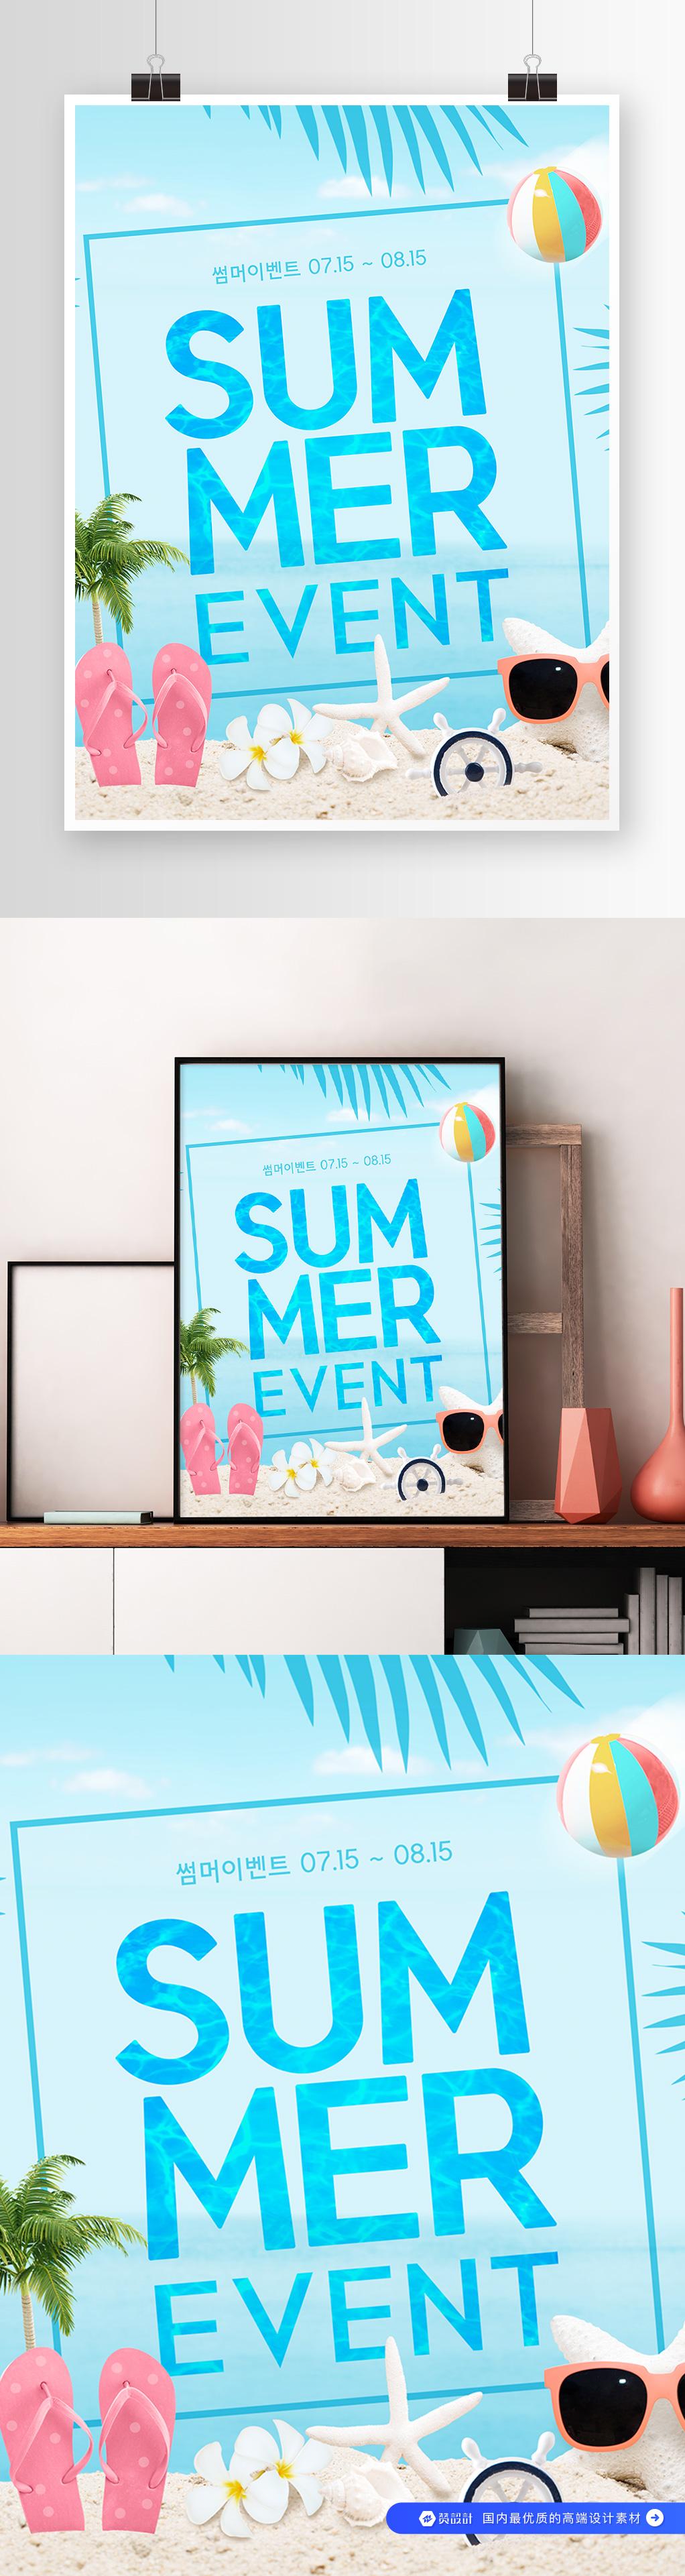 夏季海滩游玩促销海报素材 (1)